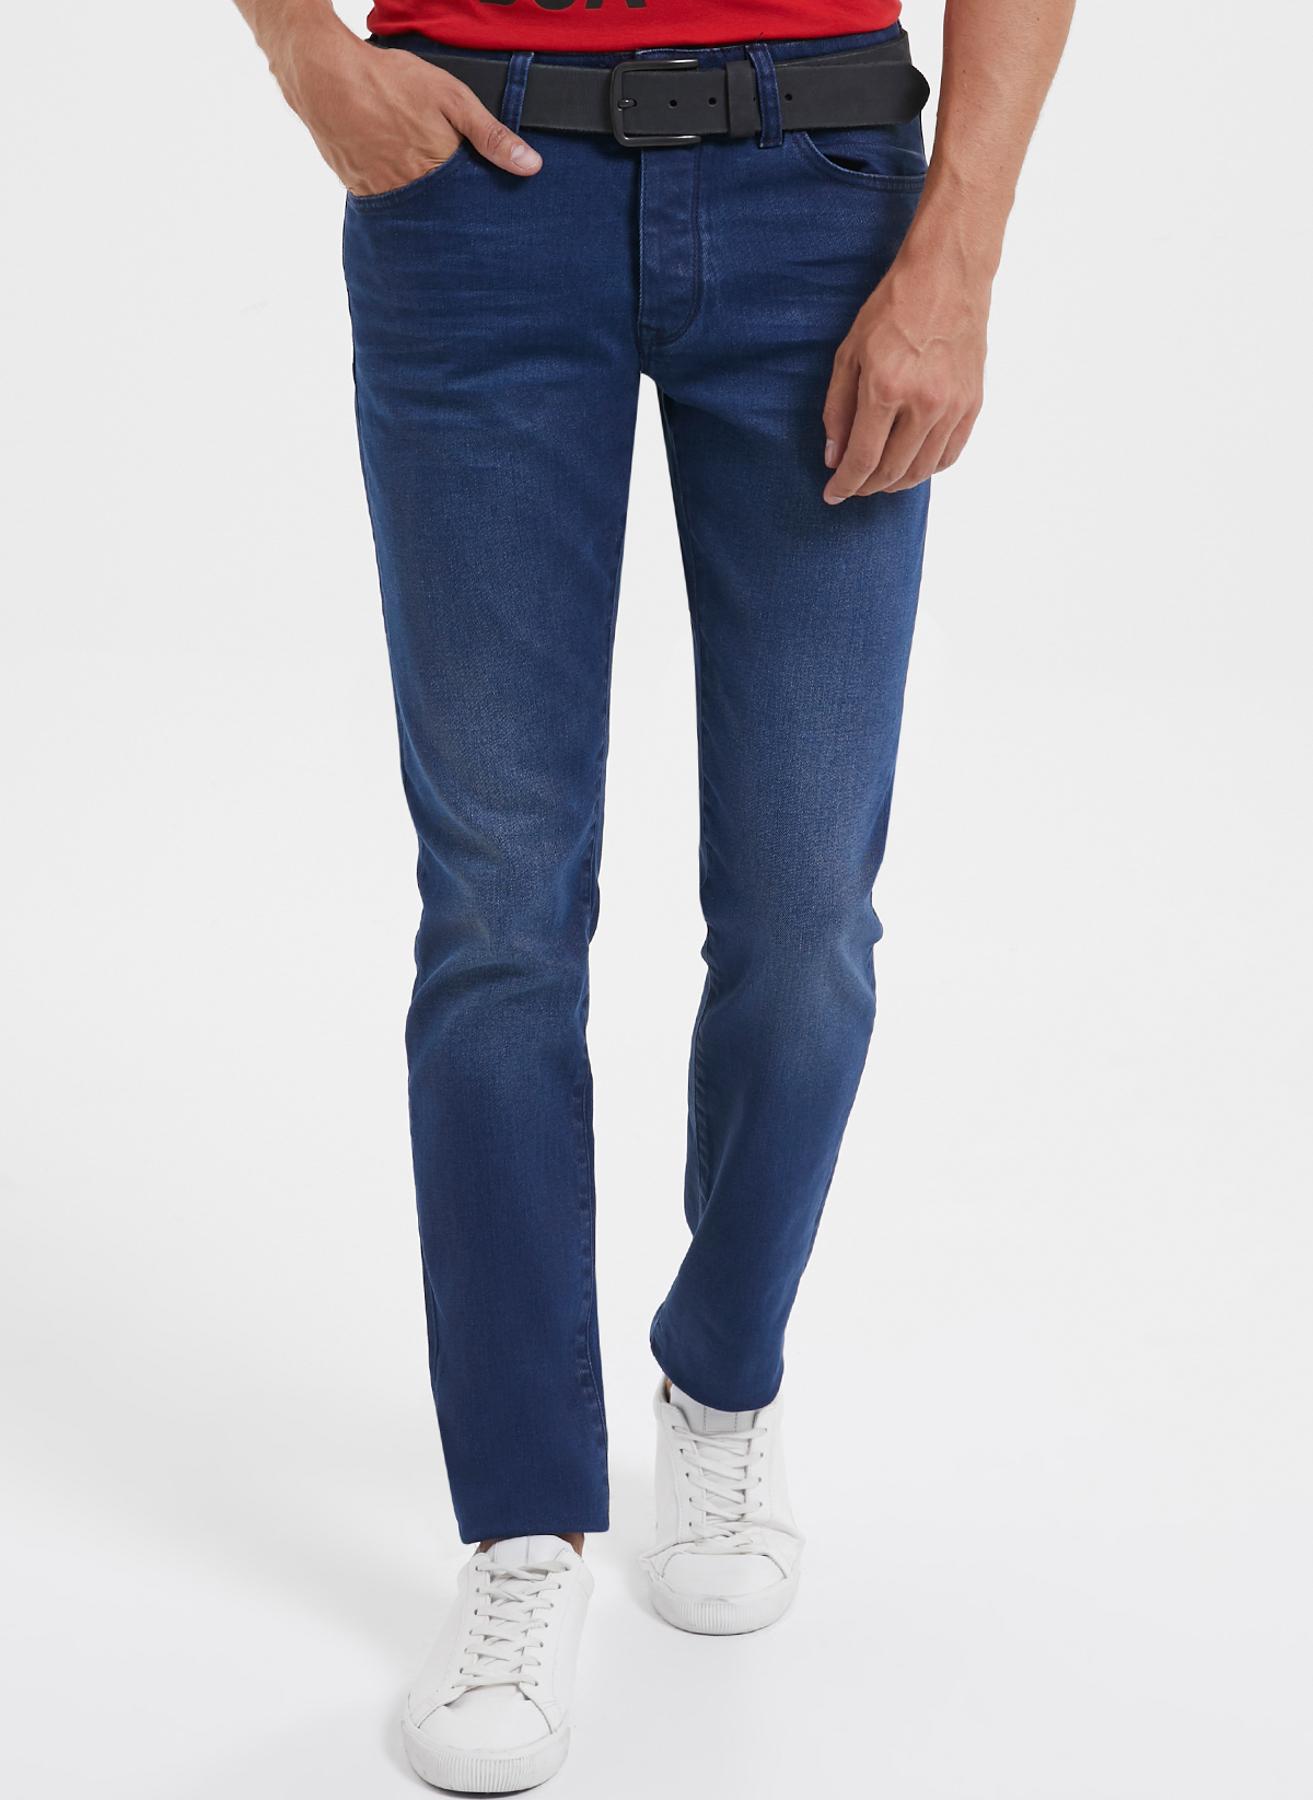 Loft Klasik Pantolon 33-32 5001733886011 Ürün Resmi